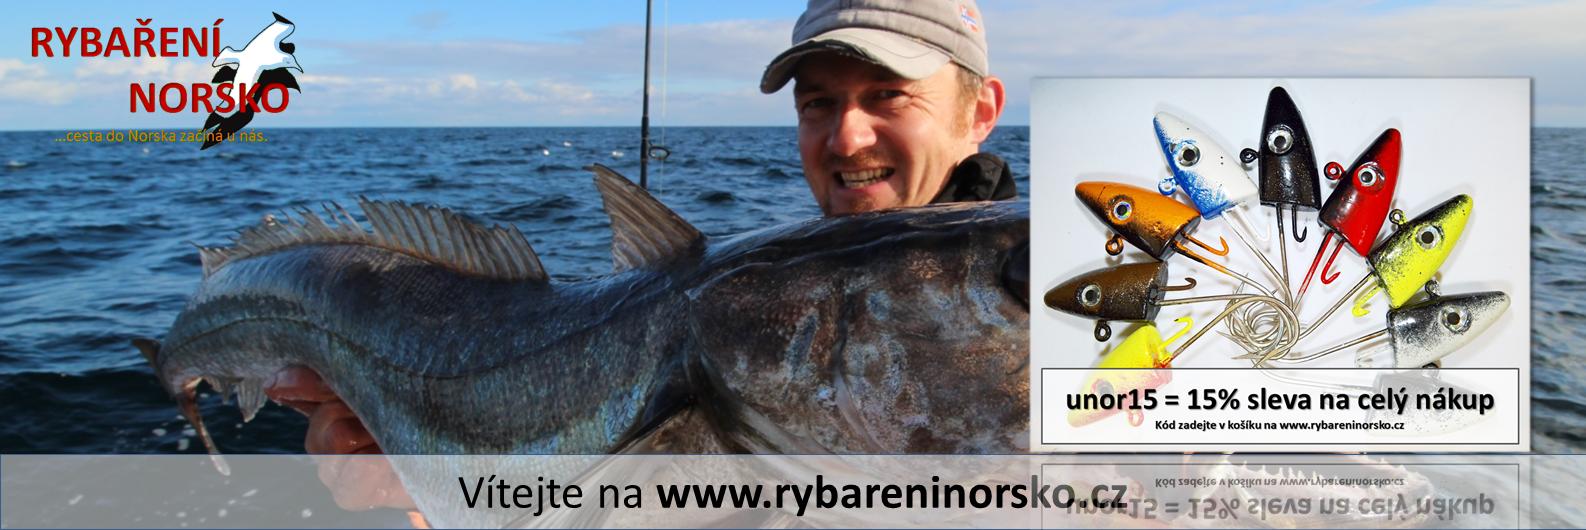 Jan Dufek - Rybaření NORSKO